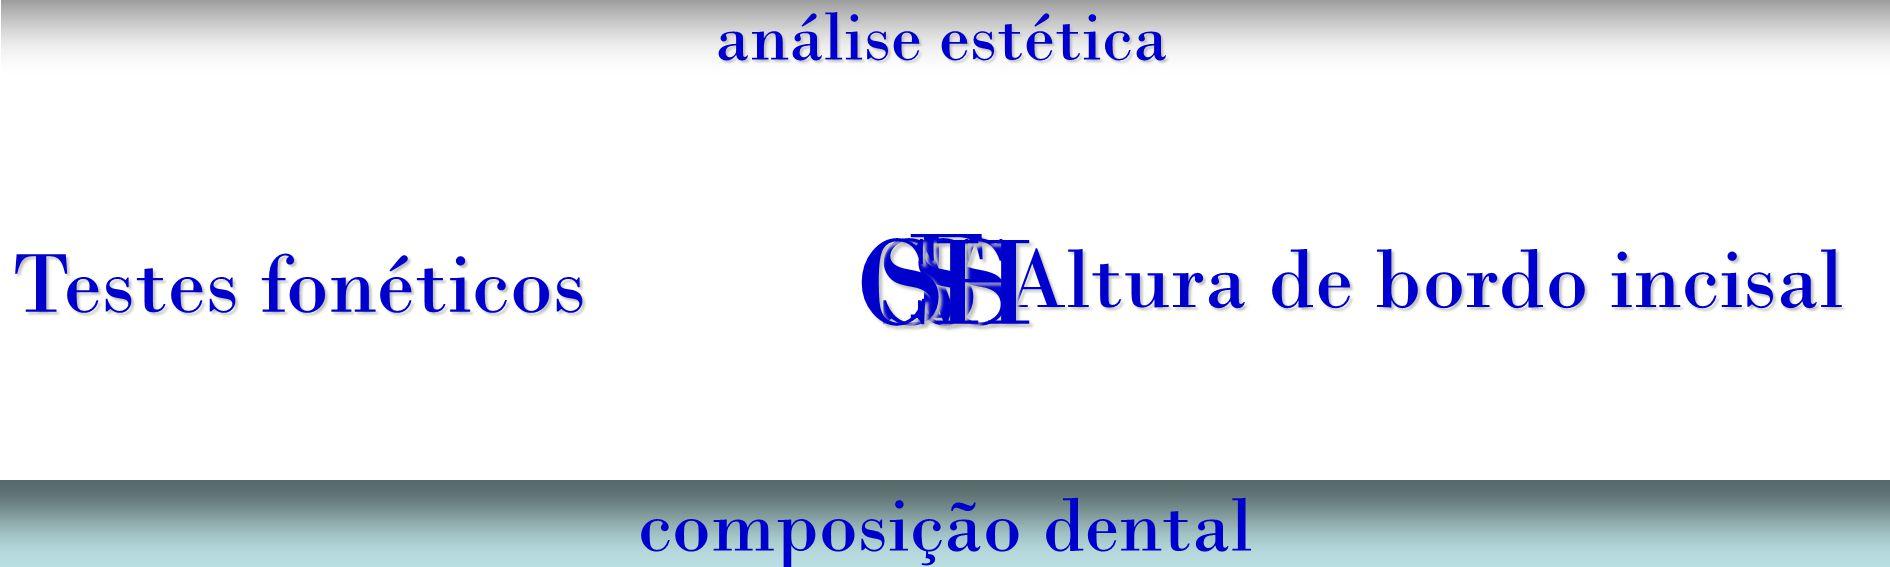 análise estética composição dental Altura de bordo incisal Testes fonéticos F VSSSCH